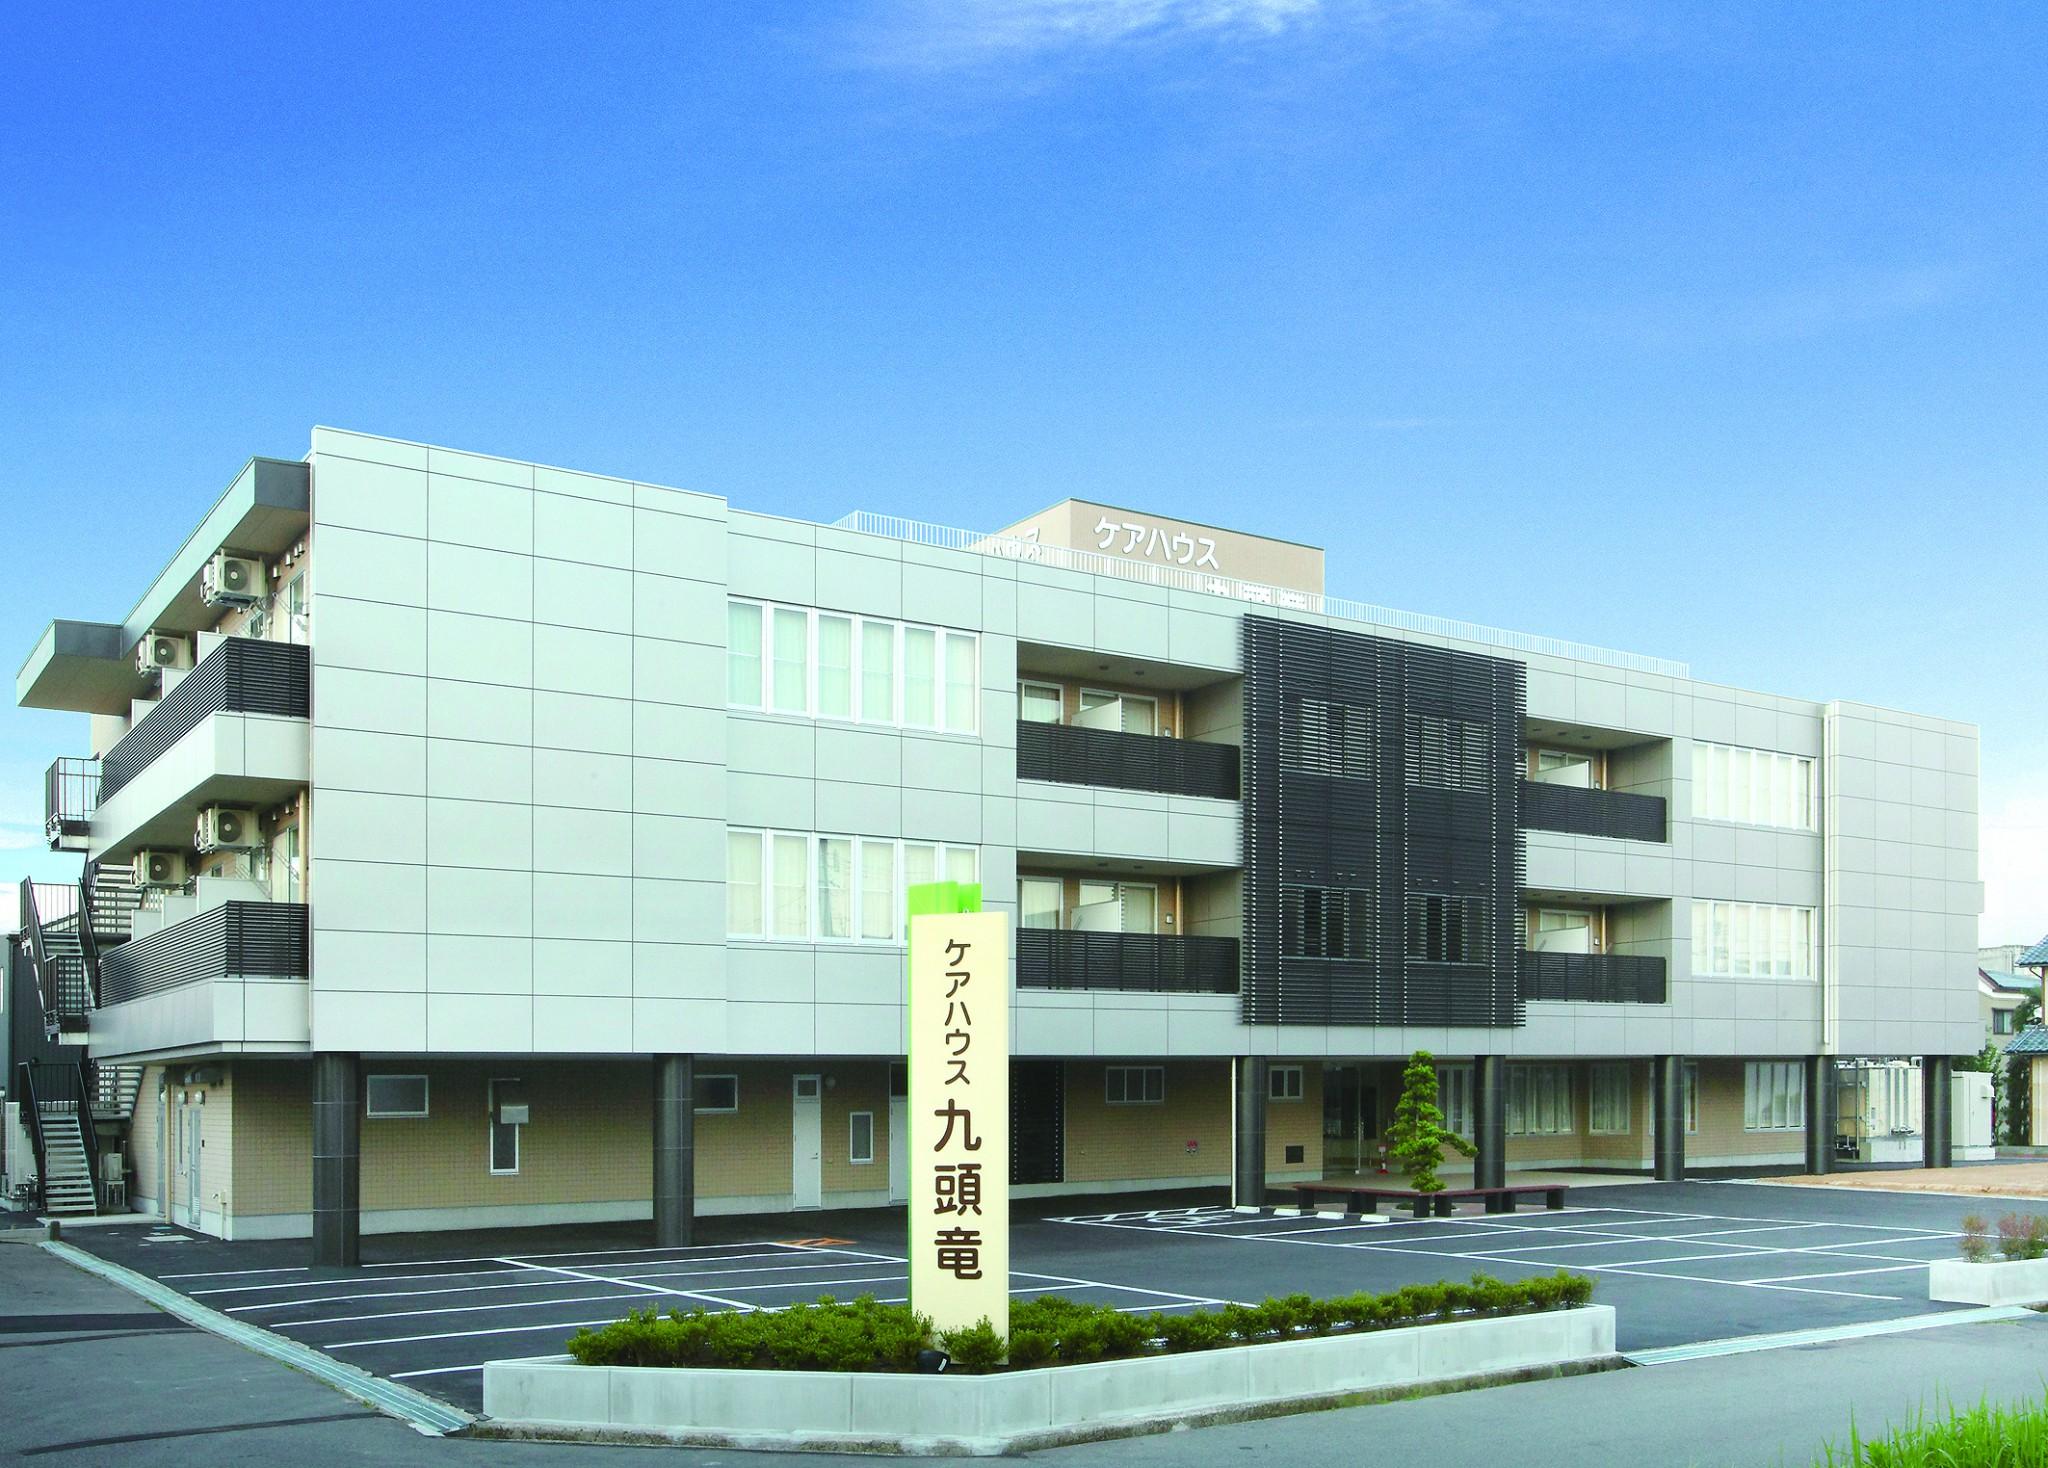 26-123carehouse-kuzuryu